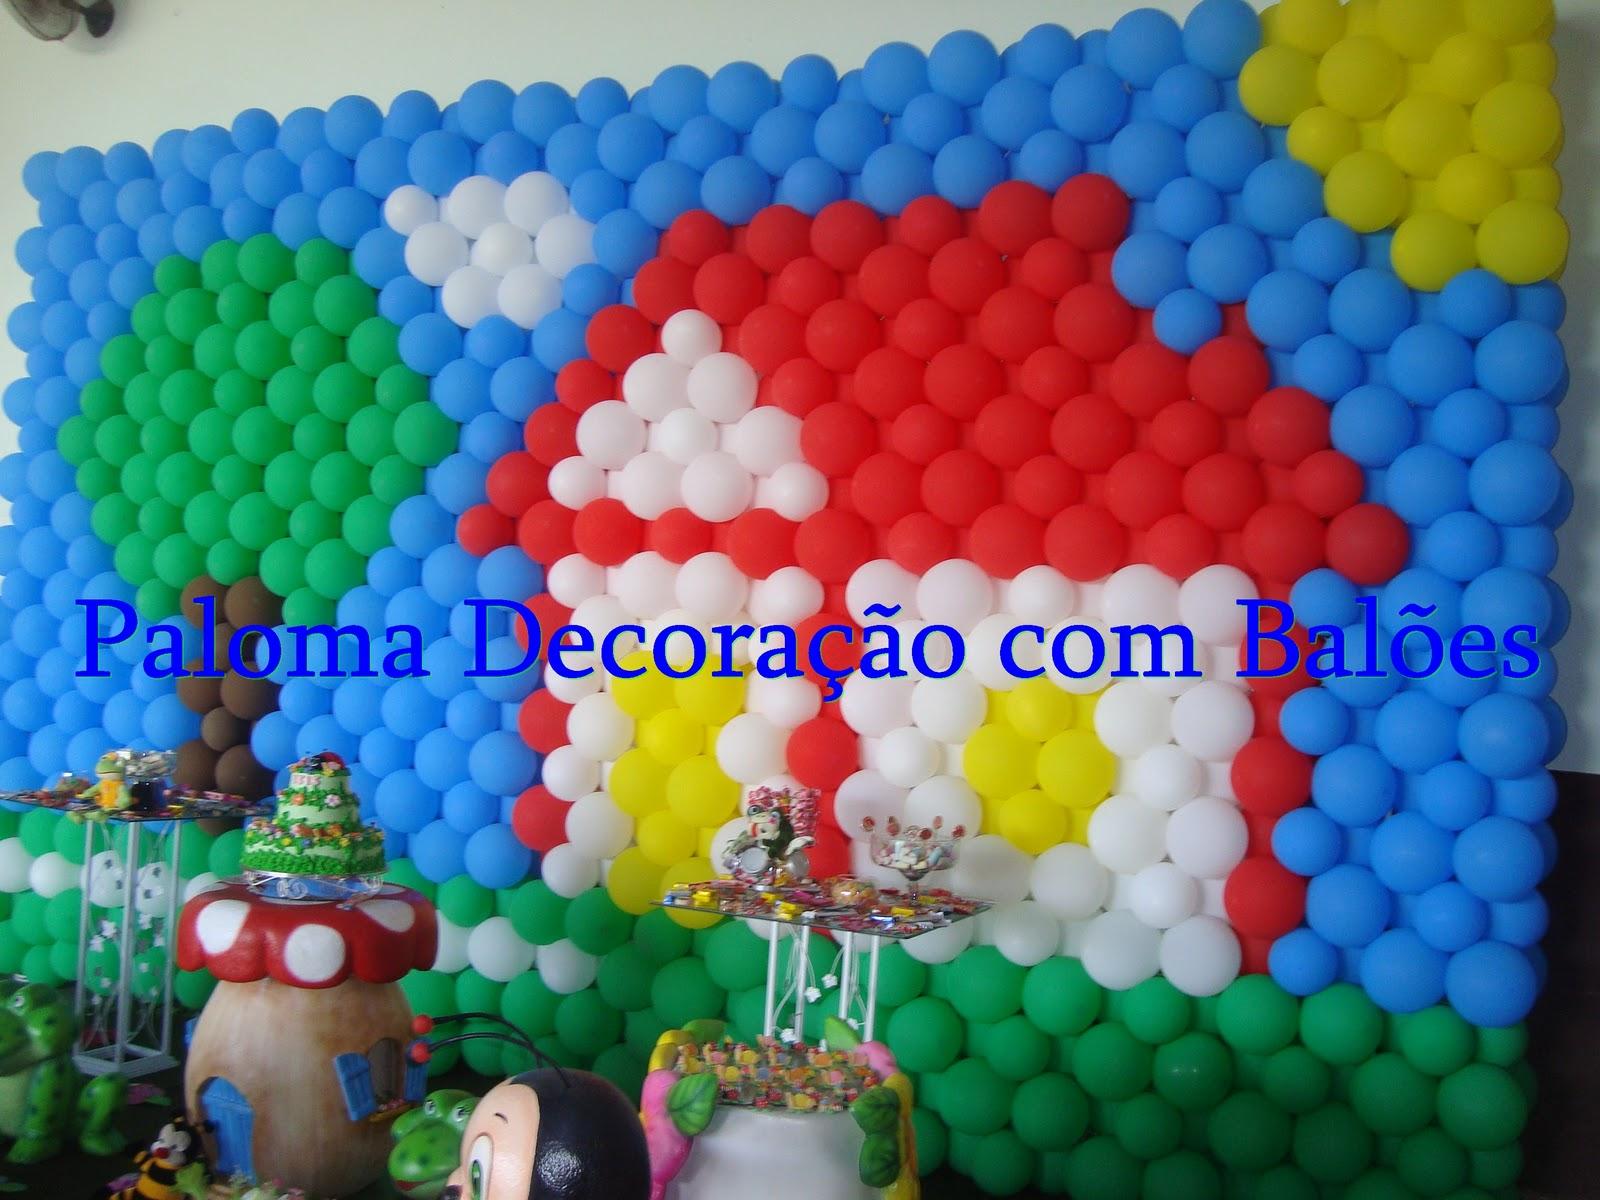 decoracao de balões jardim encantado: por Paloma Inácia às12:24 terça-feira, 7 de dezembro de 2010